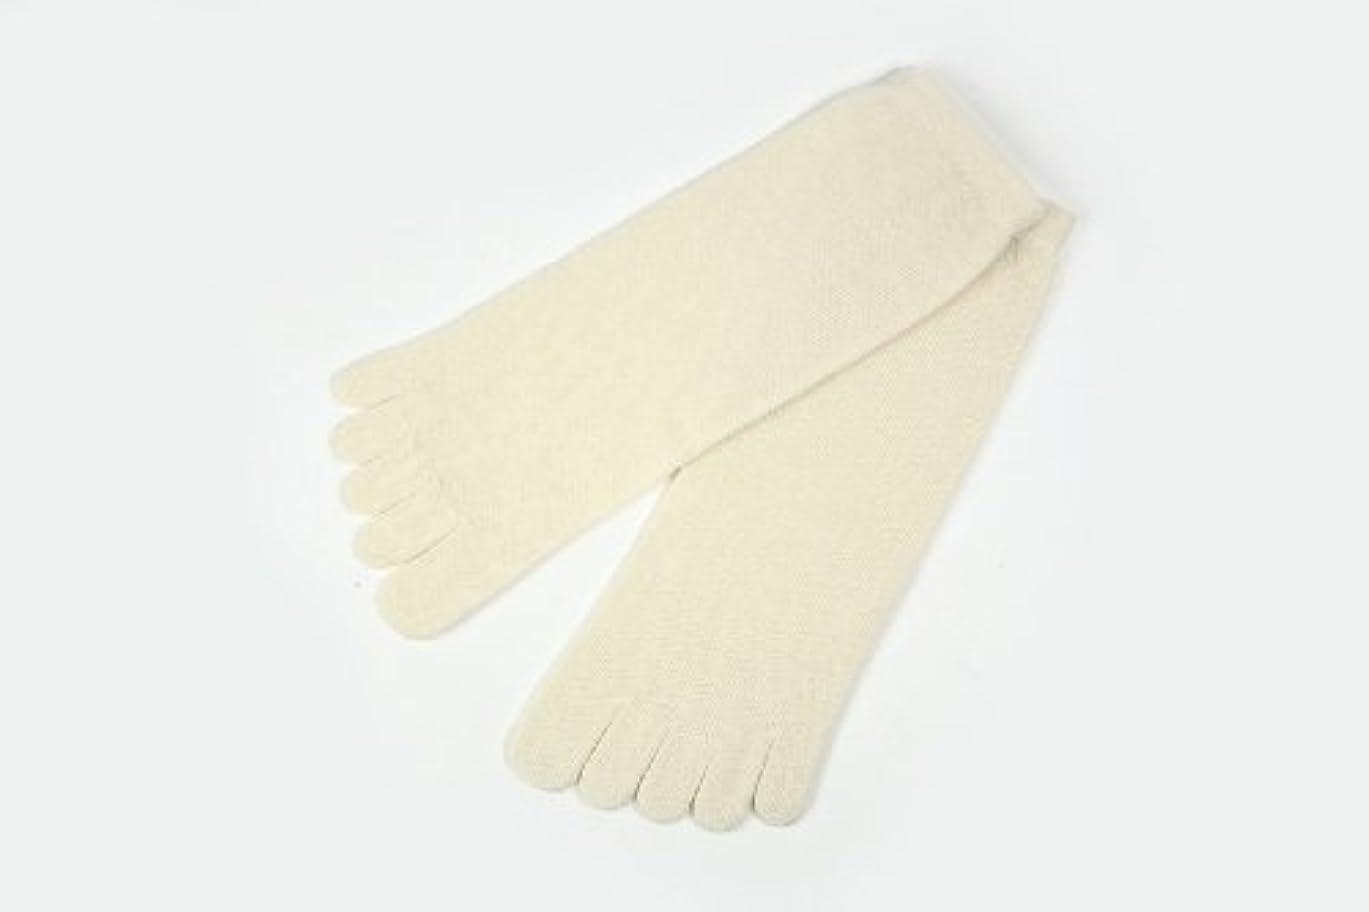 終了しましたゲート南方のutatane 冷えとり靴下 大人用 ウール100% 5本指ソックス レディーズ